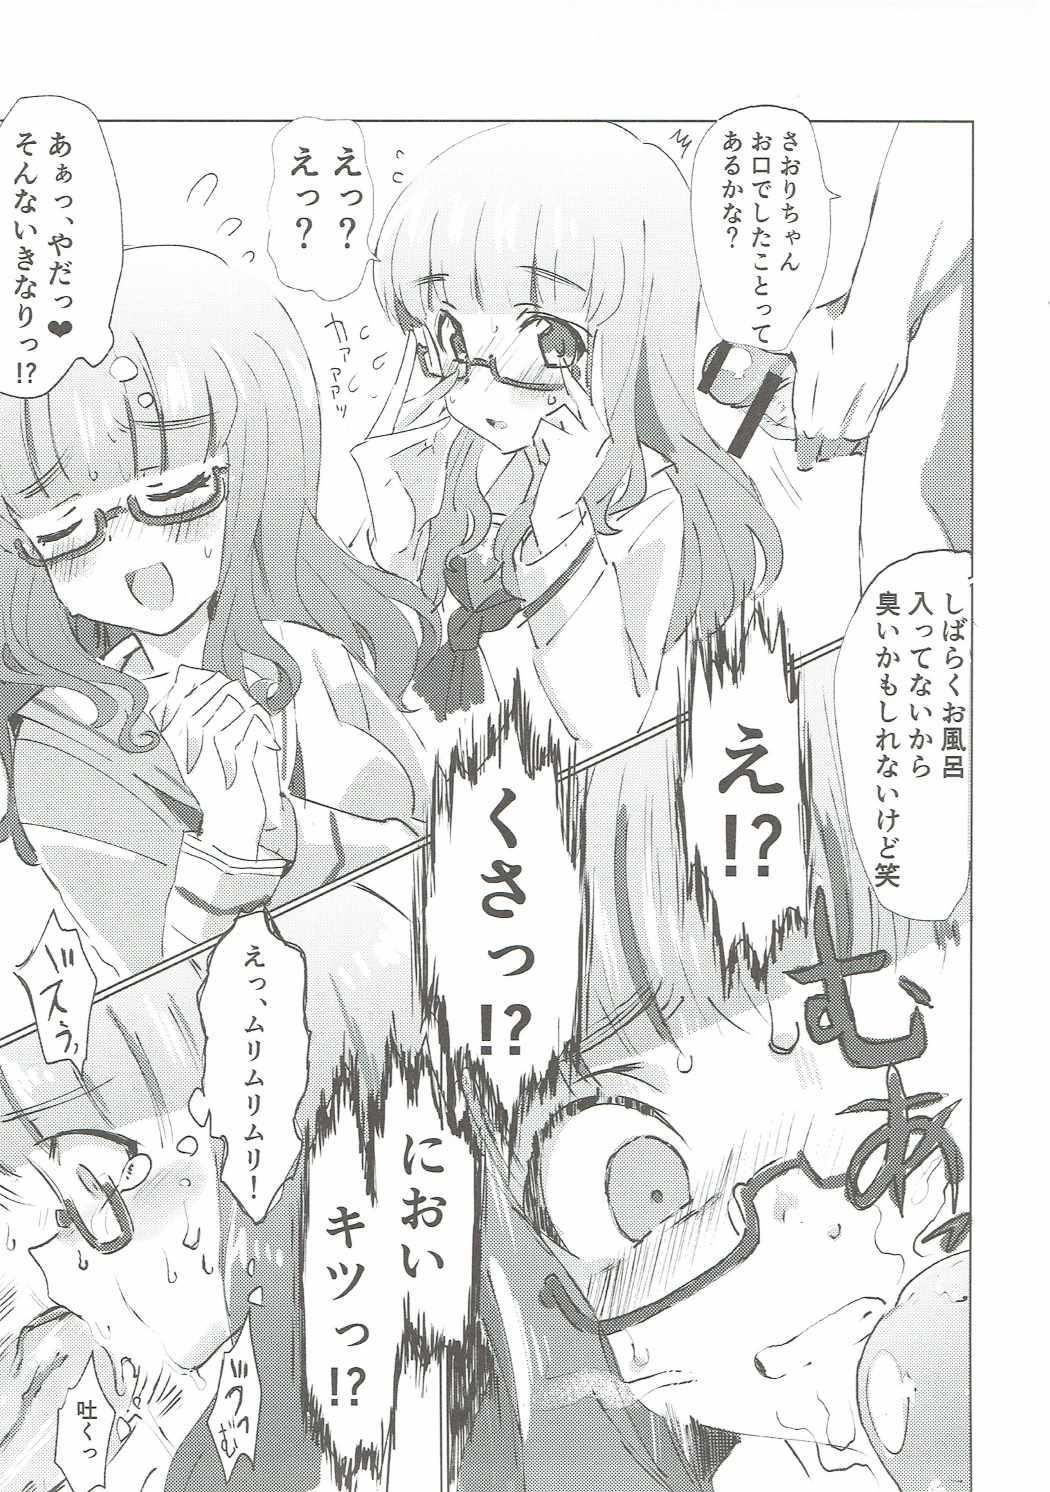 GirlPan Chara ni Ecchi na Onegai o Shitemiru Hon 15